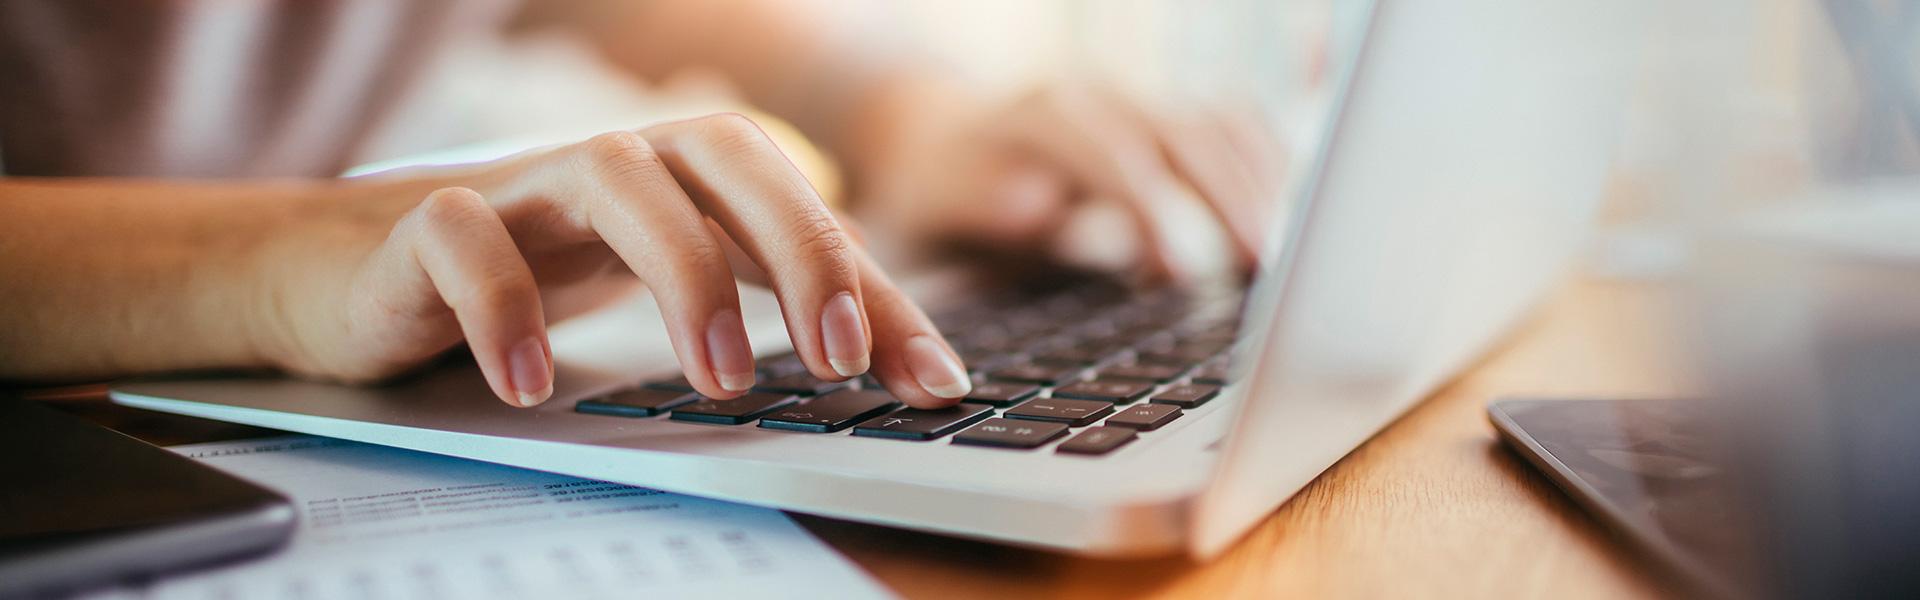 Expertises Galtier face au covid-19 - desktop